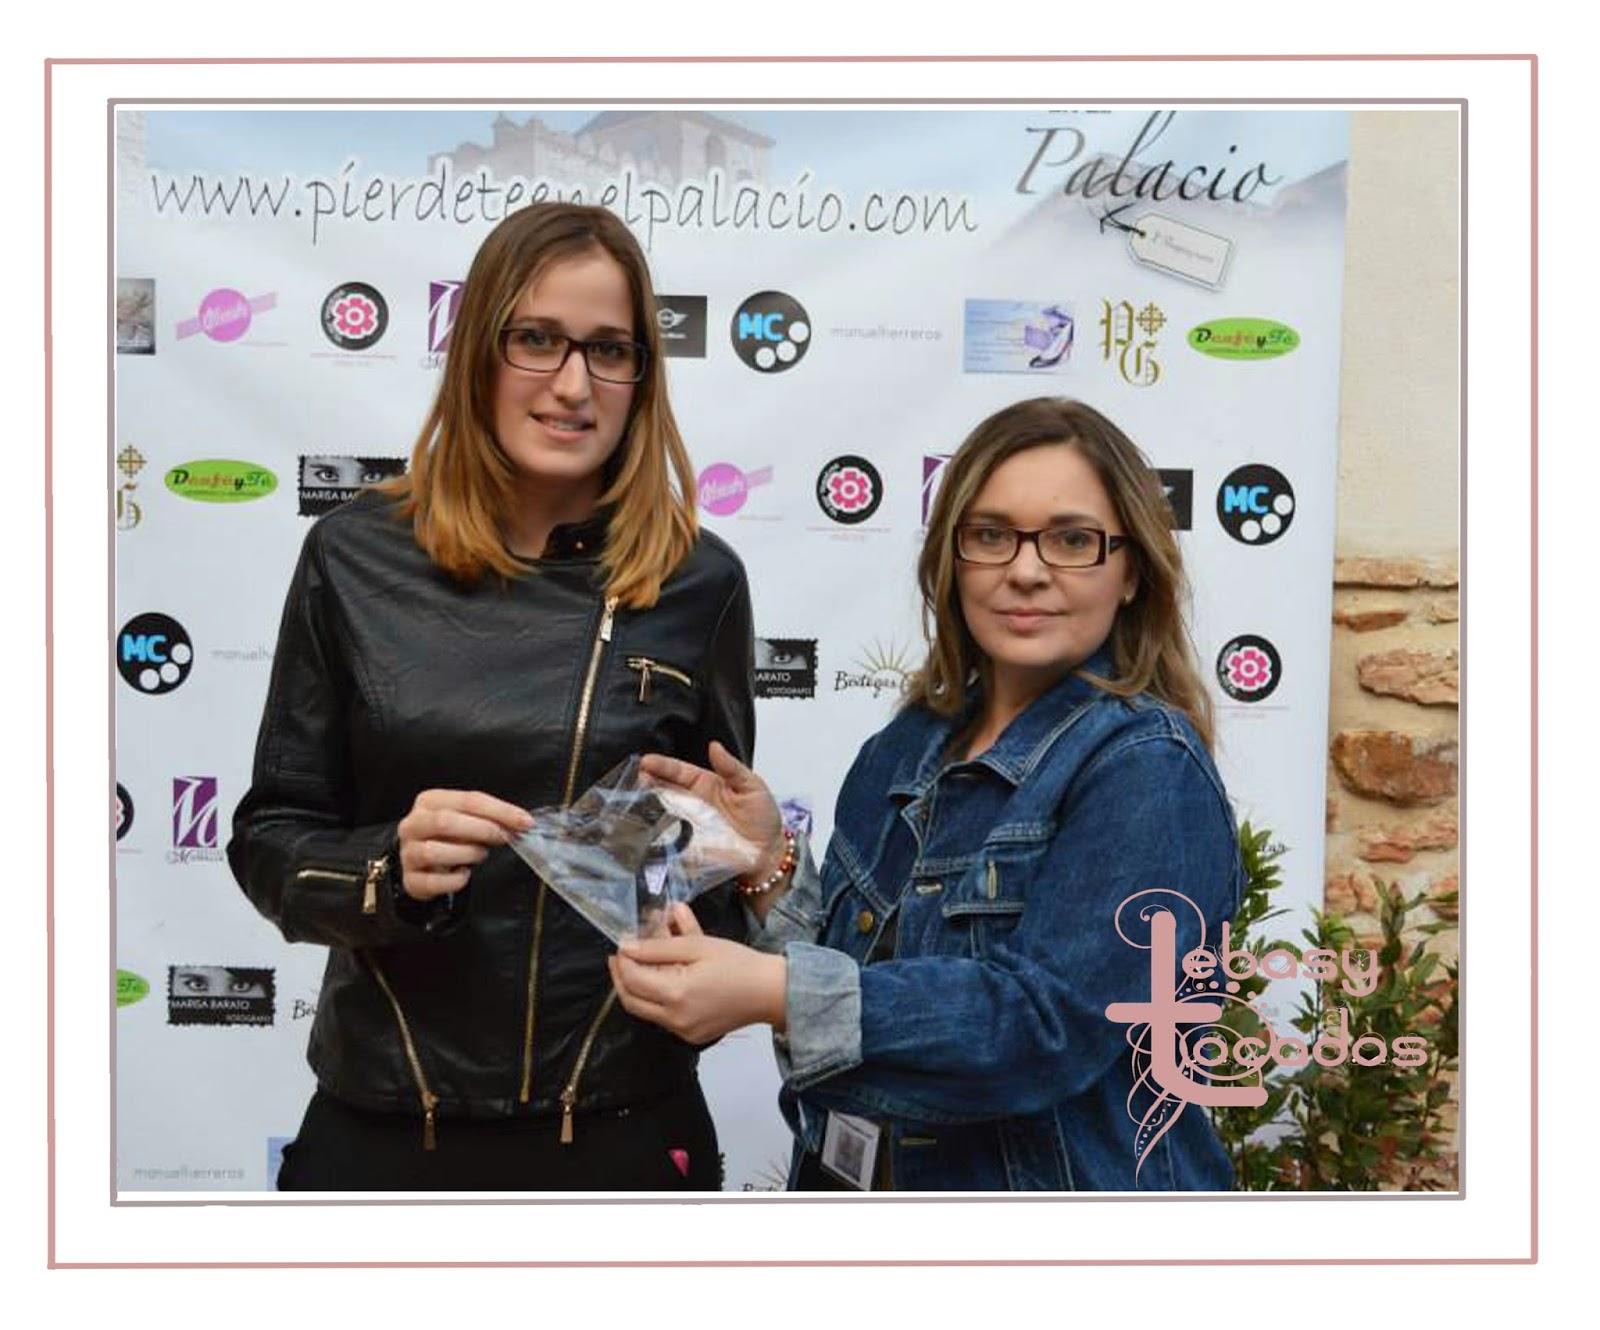 Tocados Lebasy entrega premio en Piérdete en Palacio